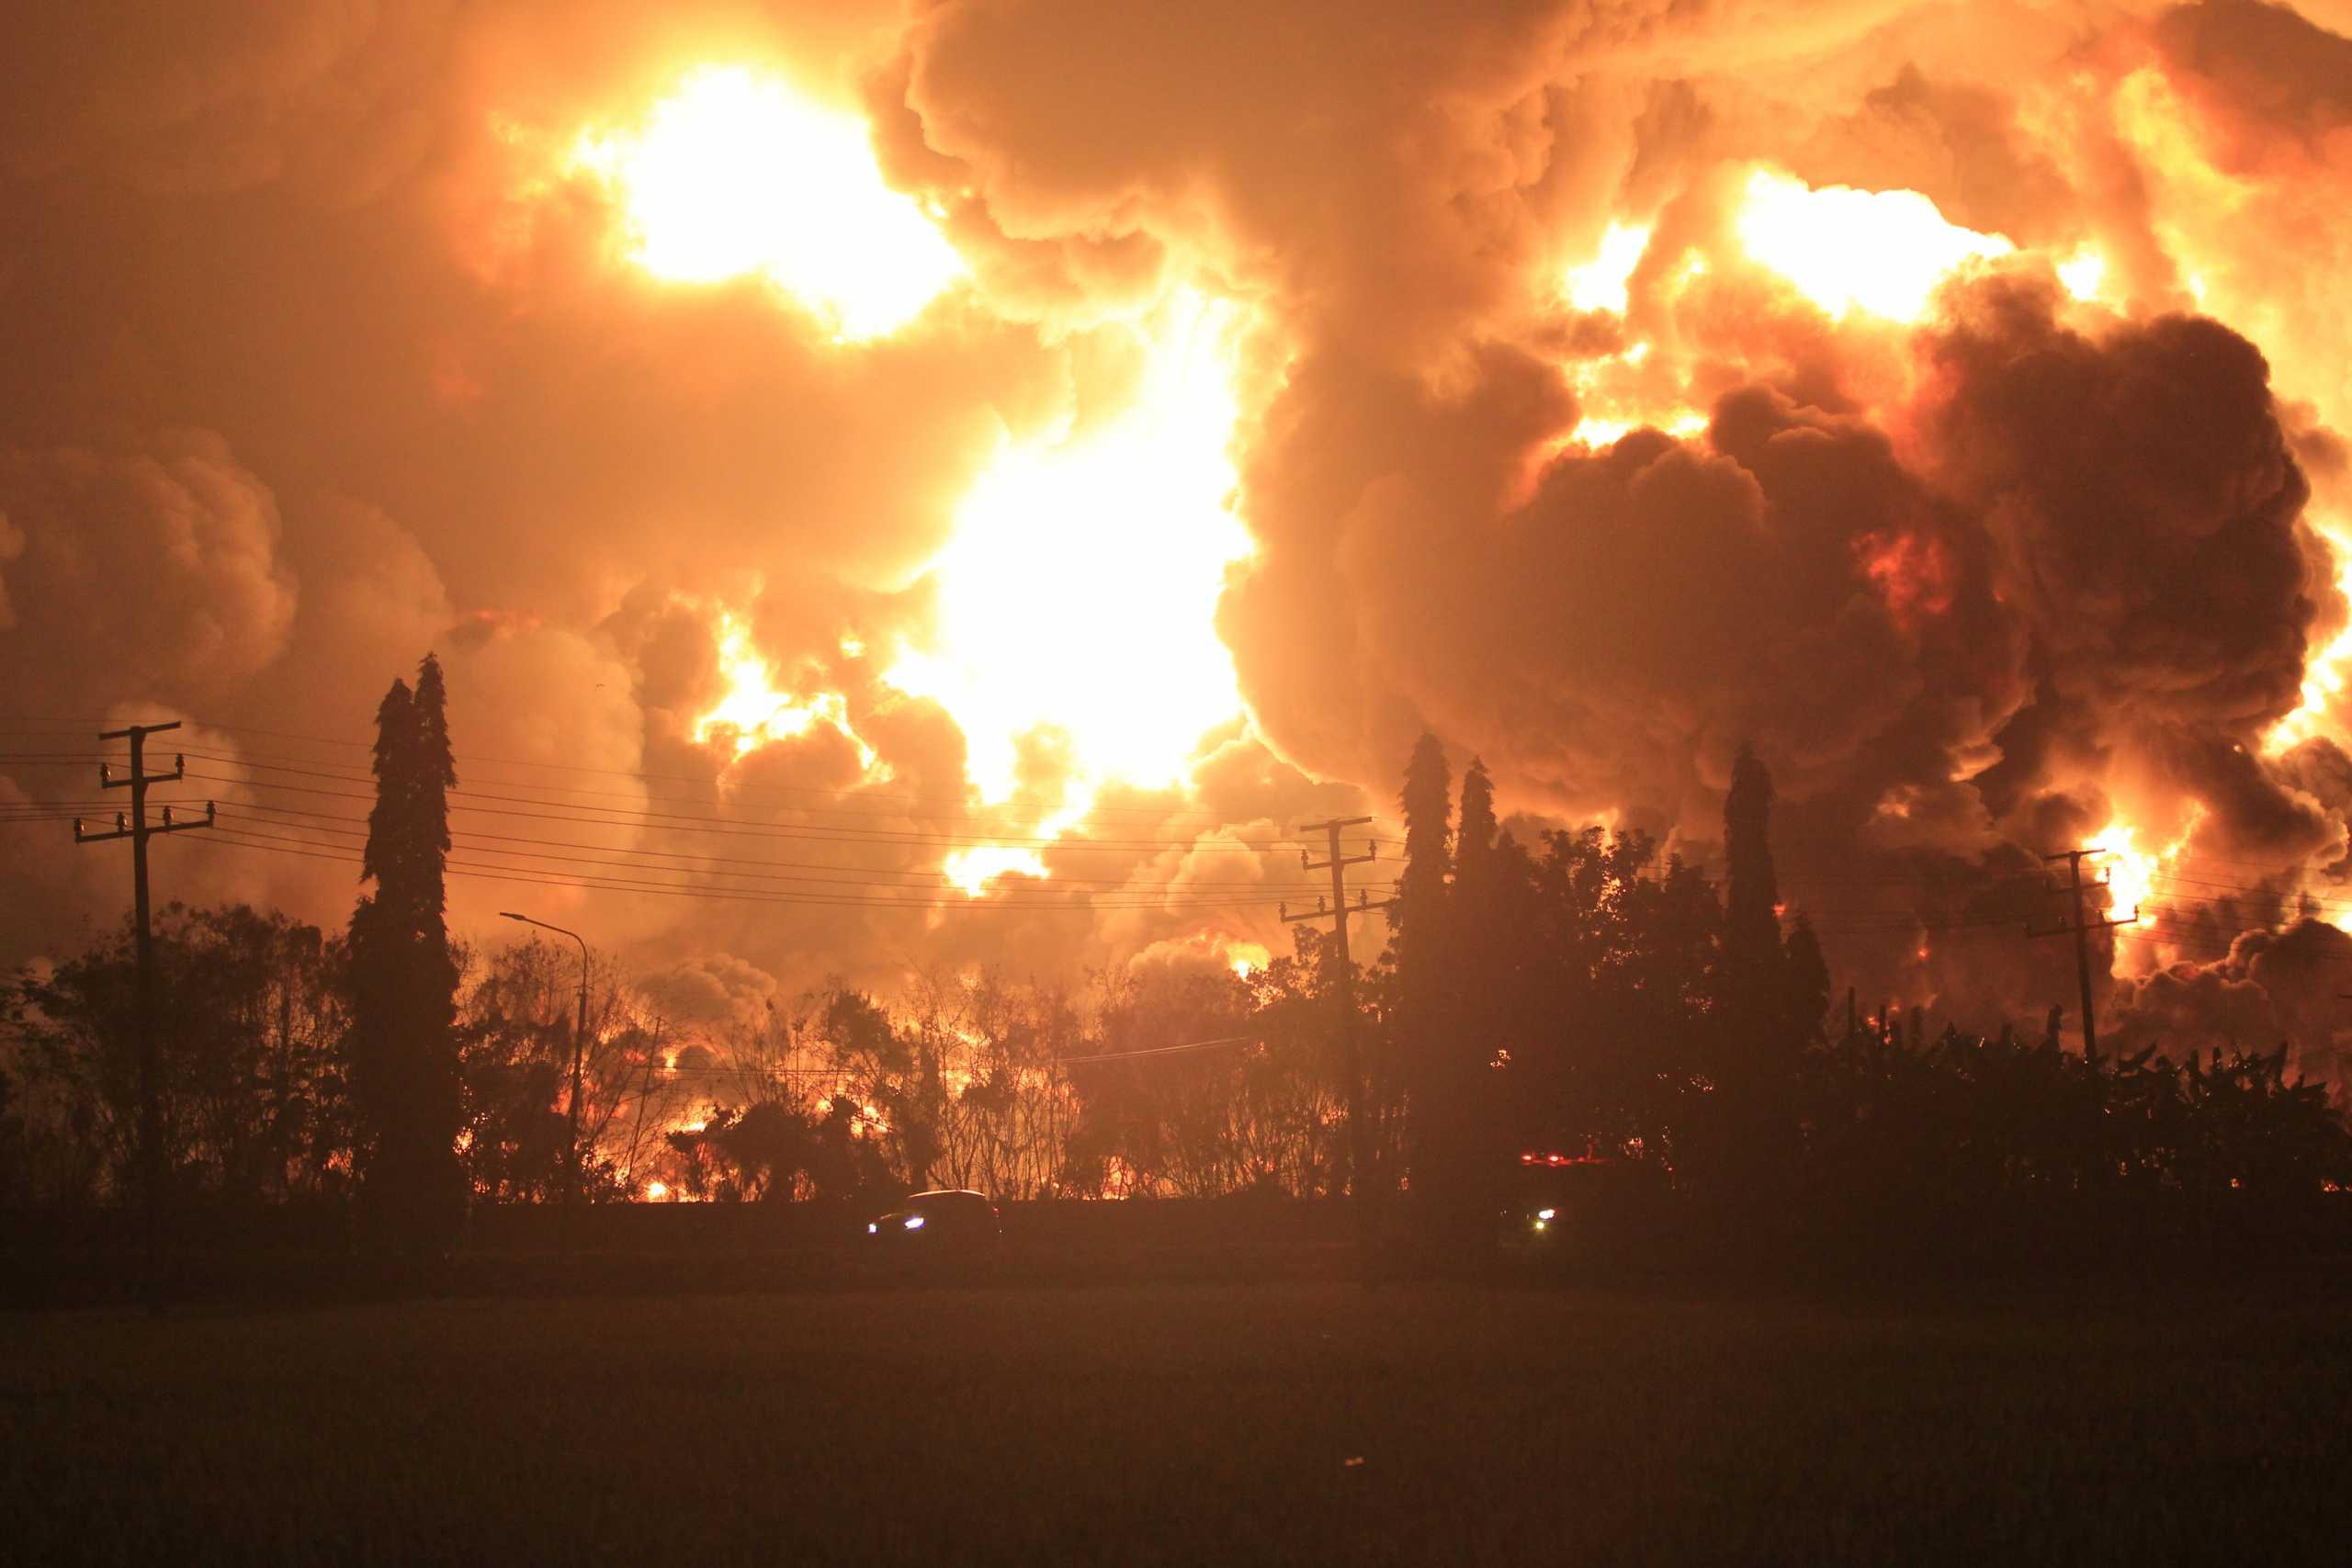 Ινδονησία: Τεράστια φωτιά σε διυλιστήριο – Τουλάχιστον 5 τραυματίες (pics)